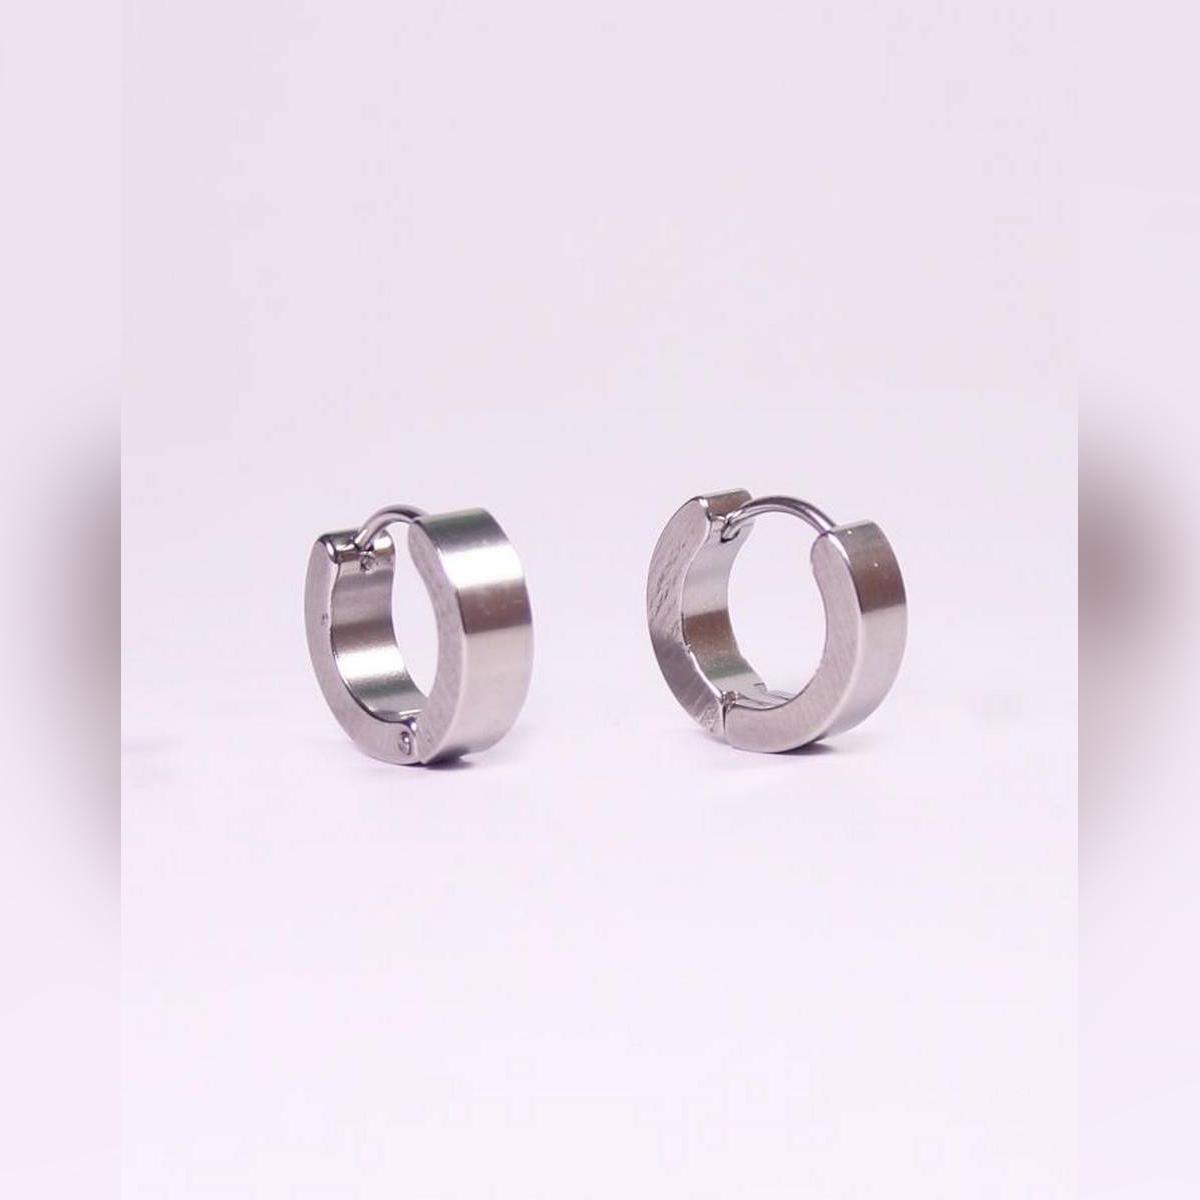 Stainless Steel Silver Ear Rings For Men